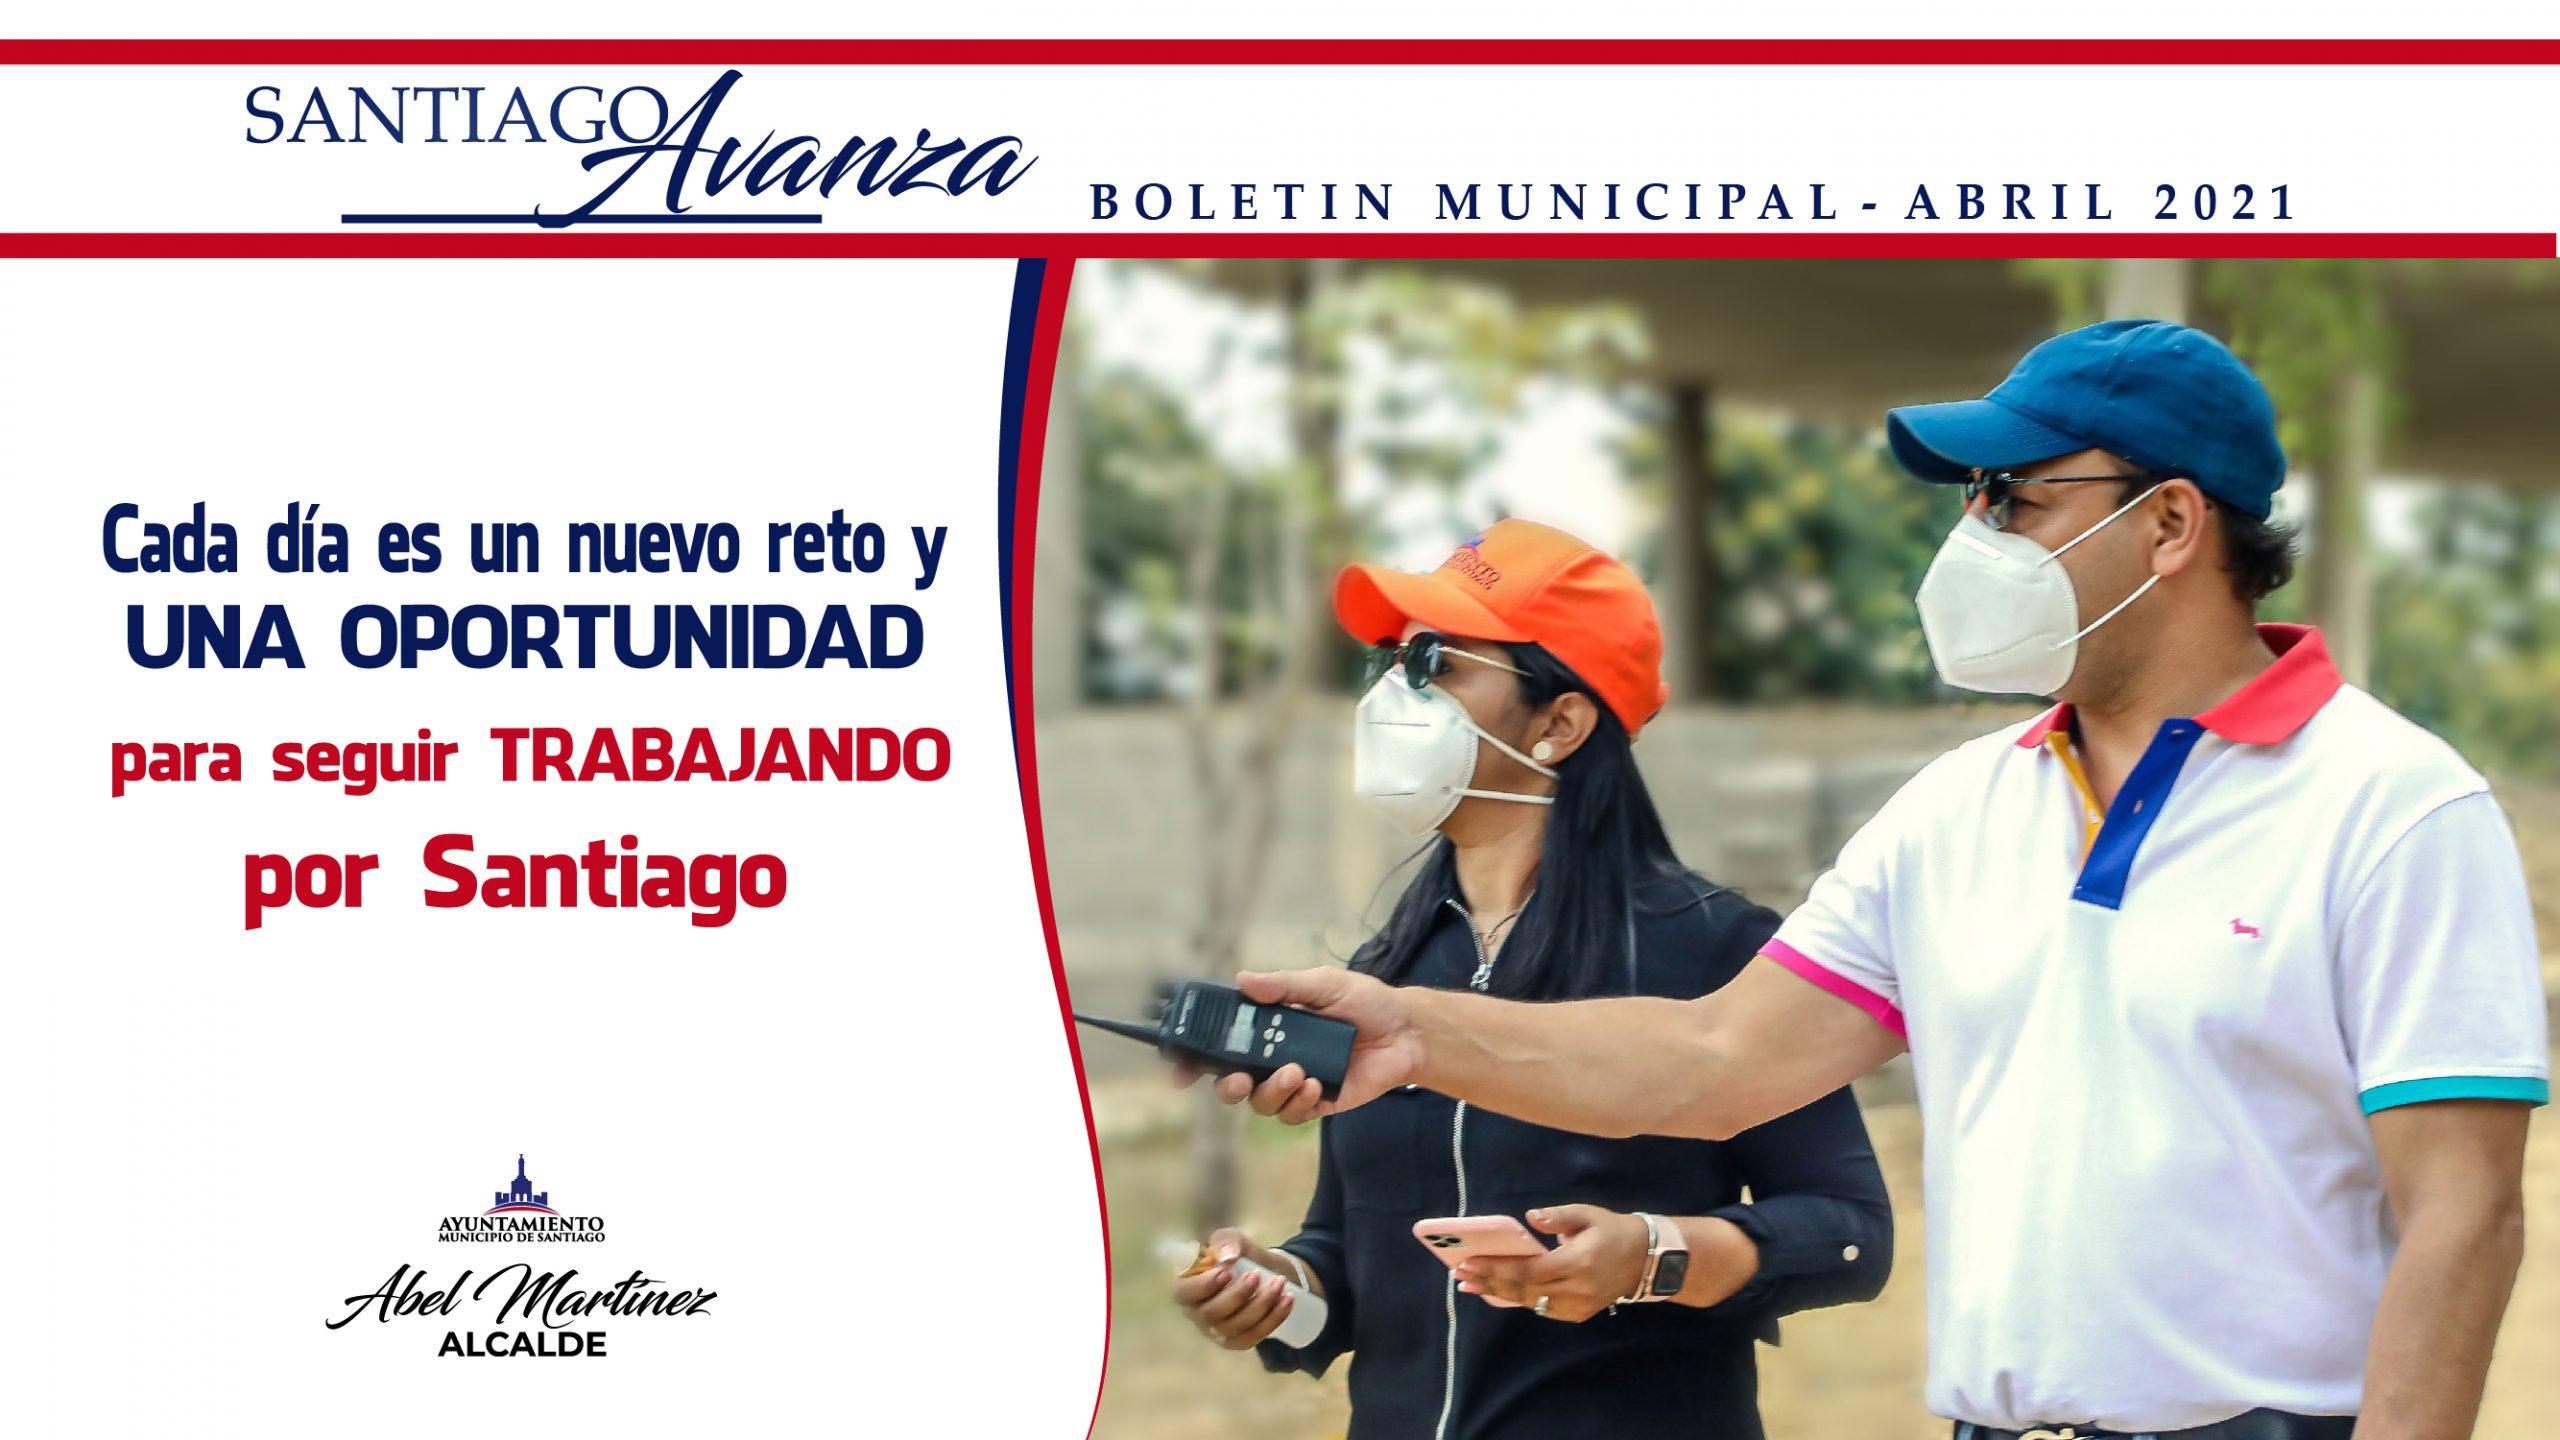 Boletín Municipal Ayuntamiento Santiago Abril 2021